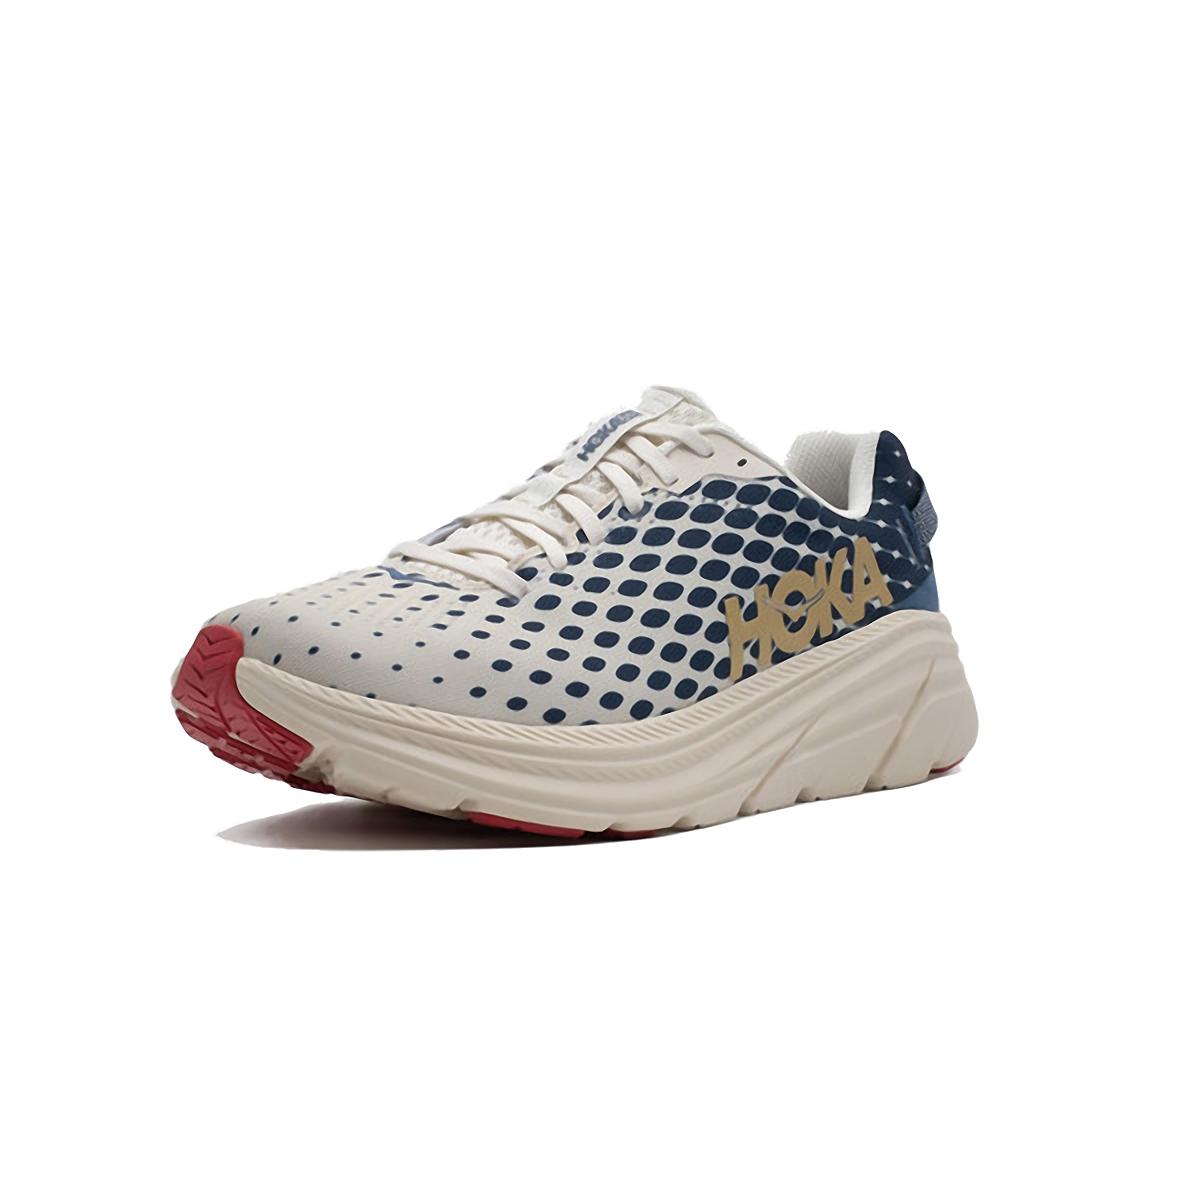 Women's Hoka One One Rincon TK Running Shoe - Color: Vintage Indigo - Size: 5 - Width: Regular, Vintage Indigo, large, image 3